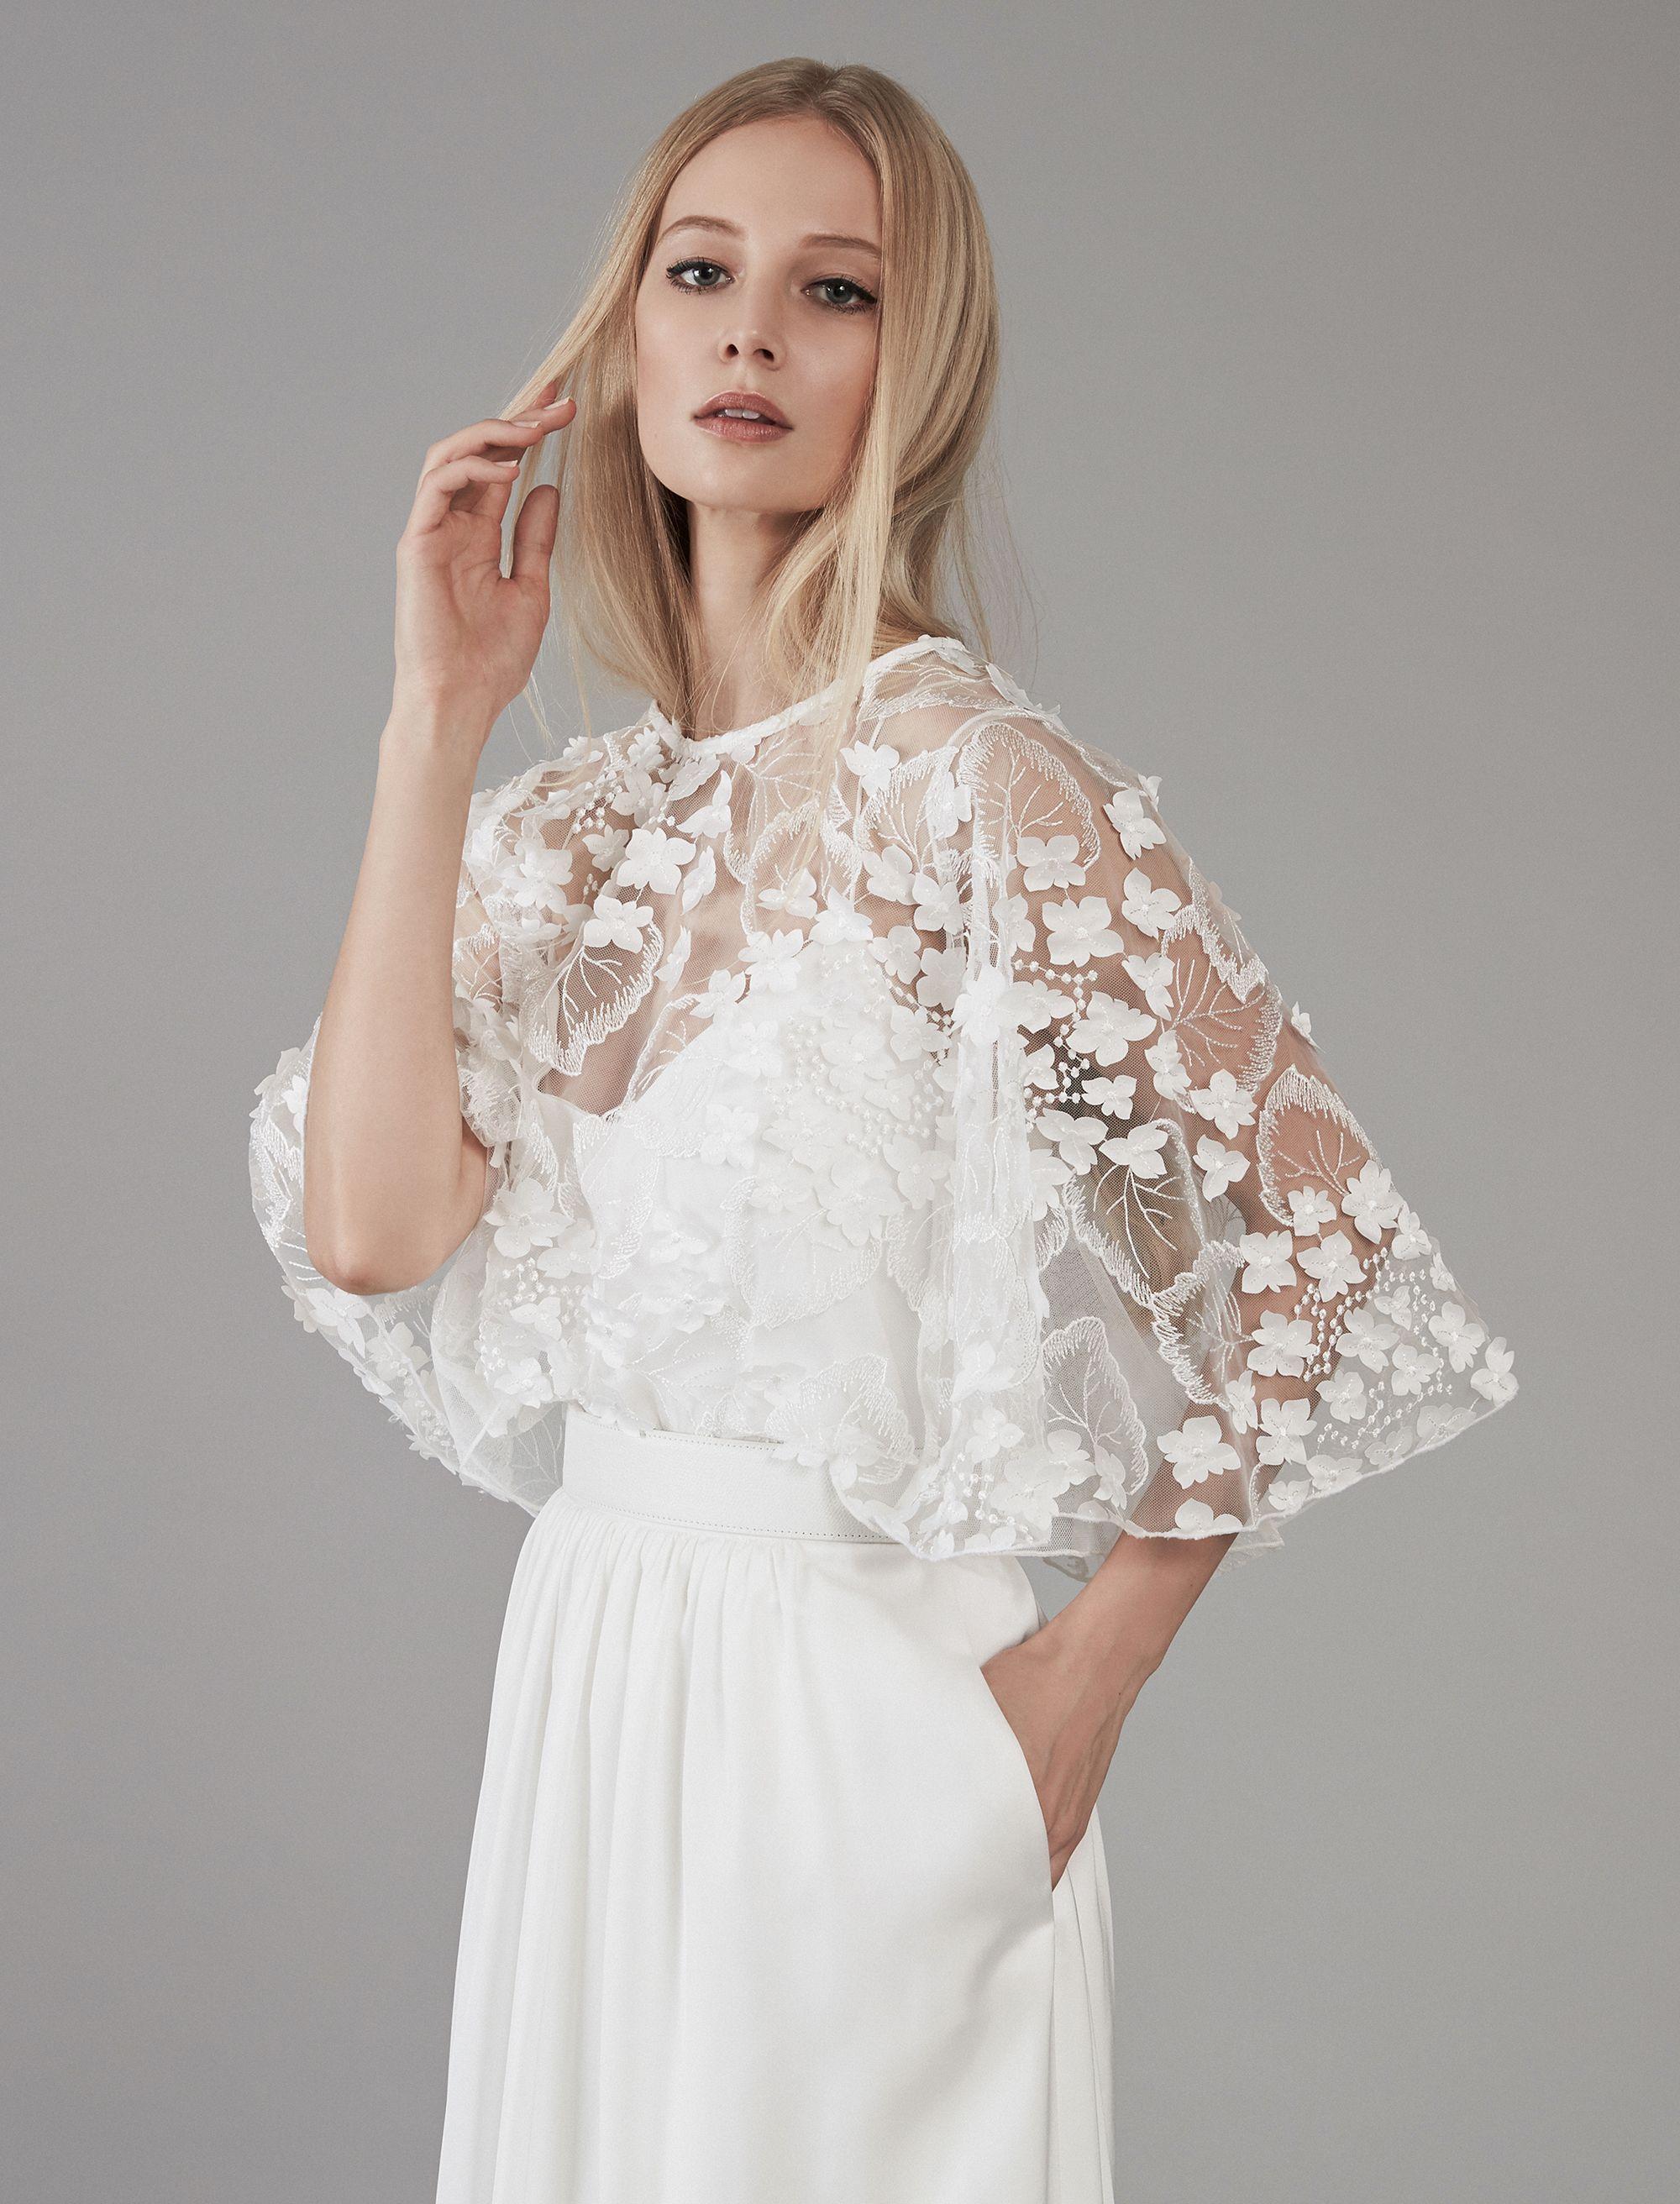 cape aus 3d-blumenapplikationen | hochzeitskleid, kleider